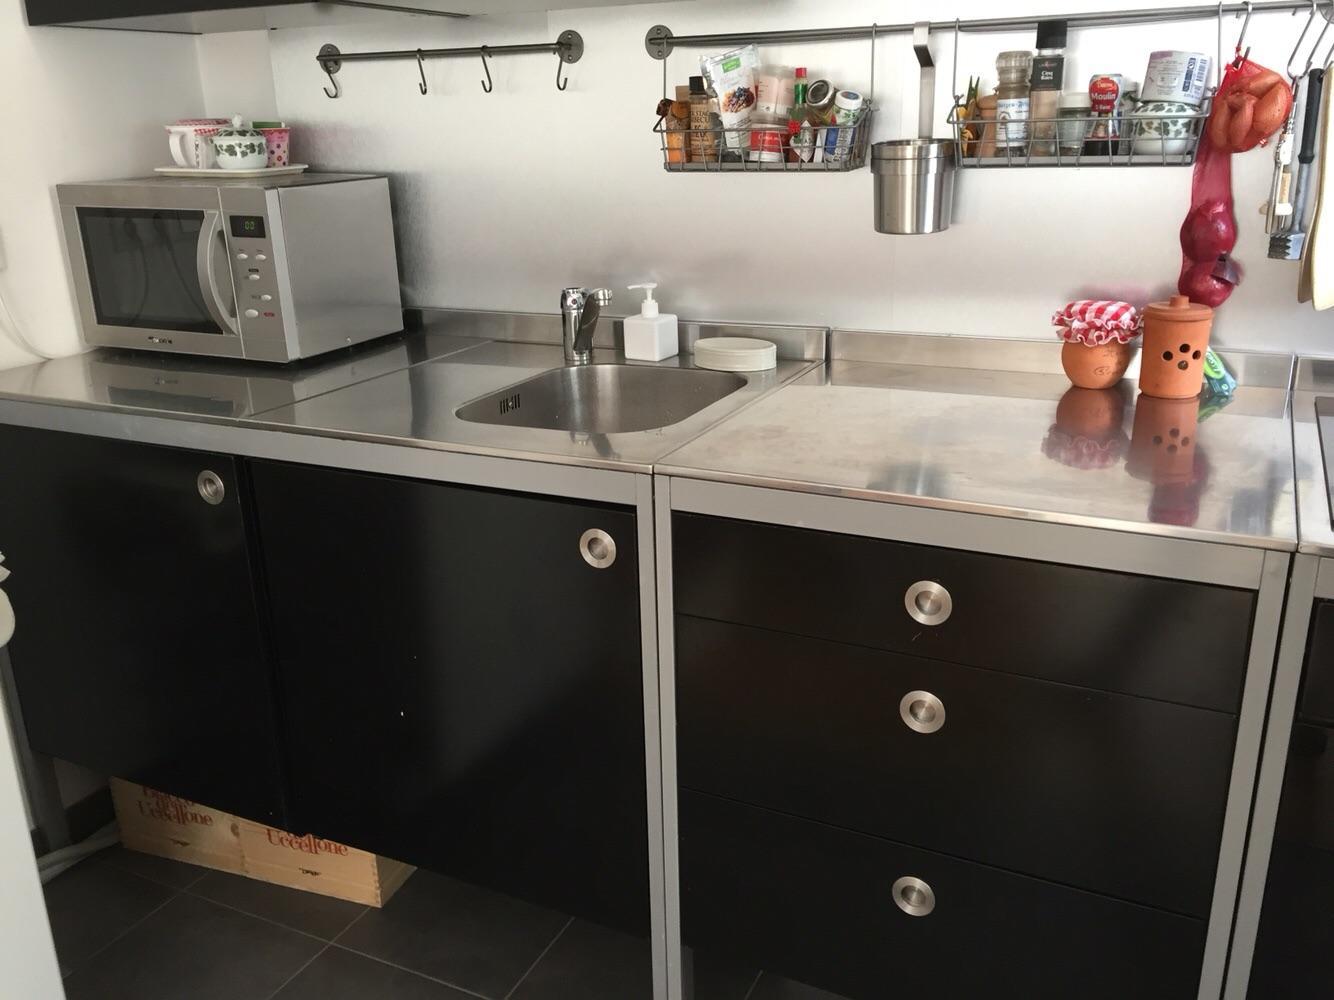 Ikea udden küche anleitung ikea dunstabzugshaube udden anleitung